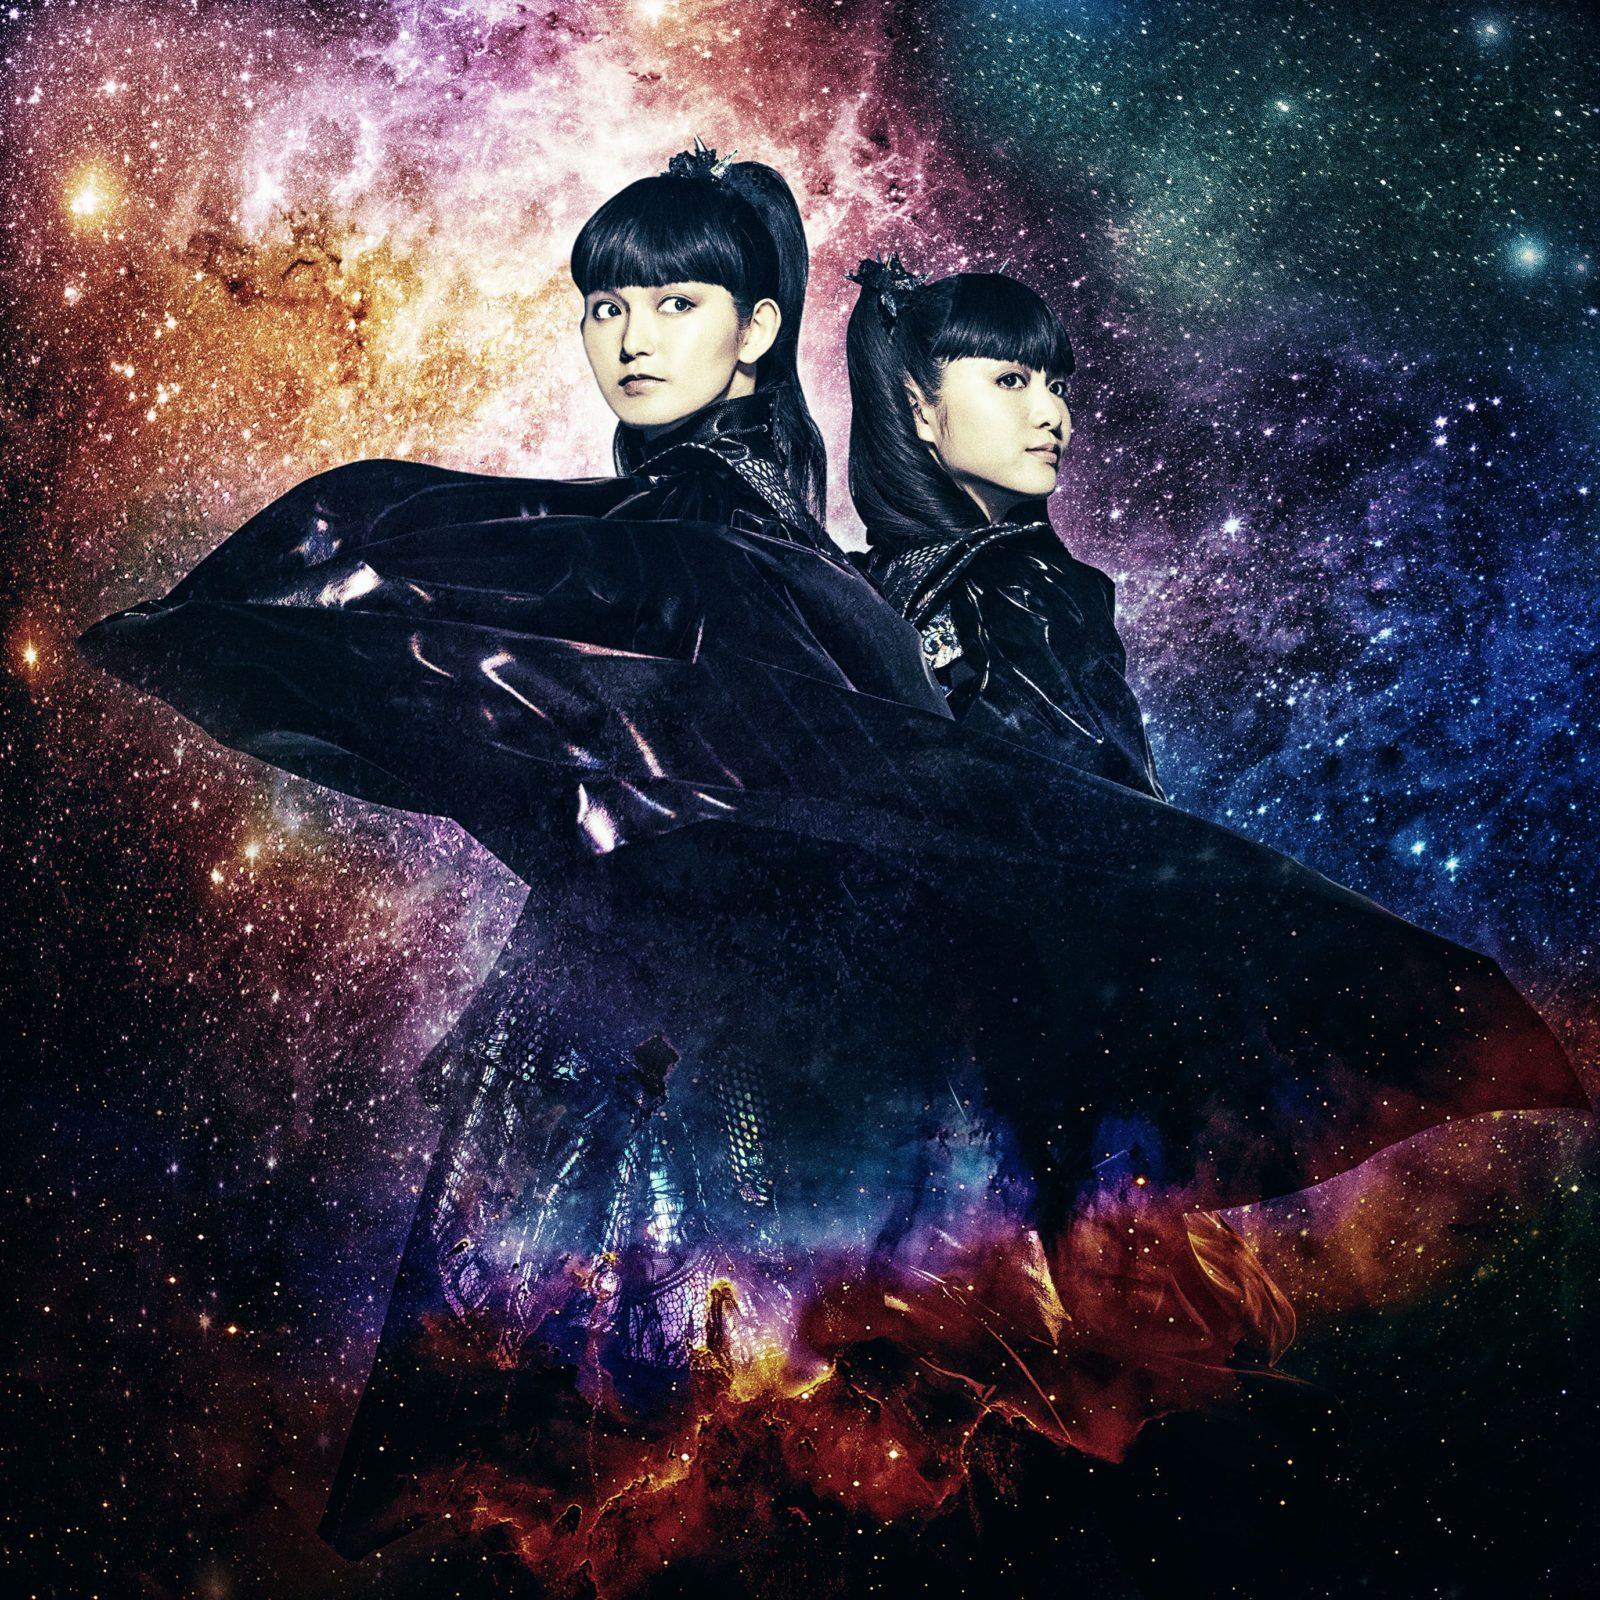 BABYMETAL、ワールドツアーの集大成となる日本での追加公演が決定サムネイル画像